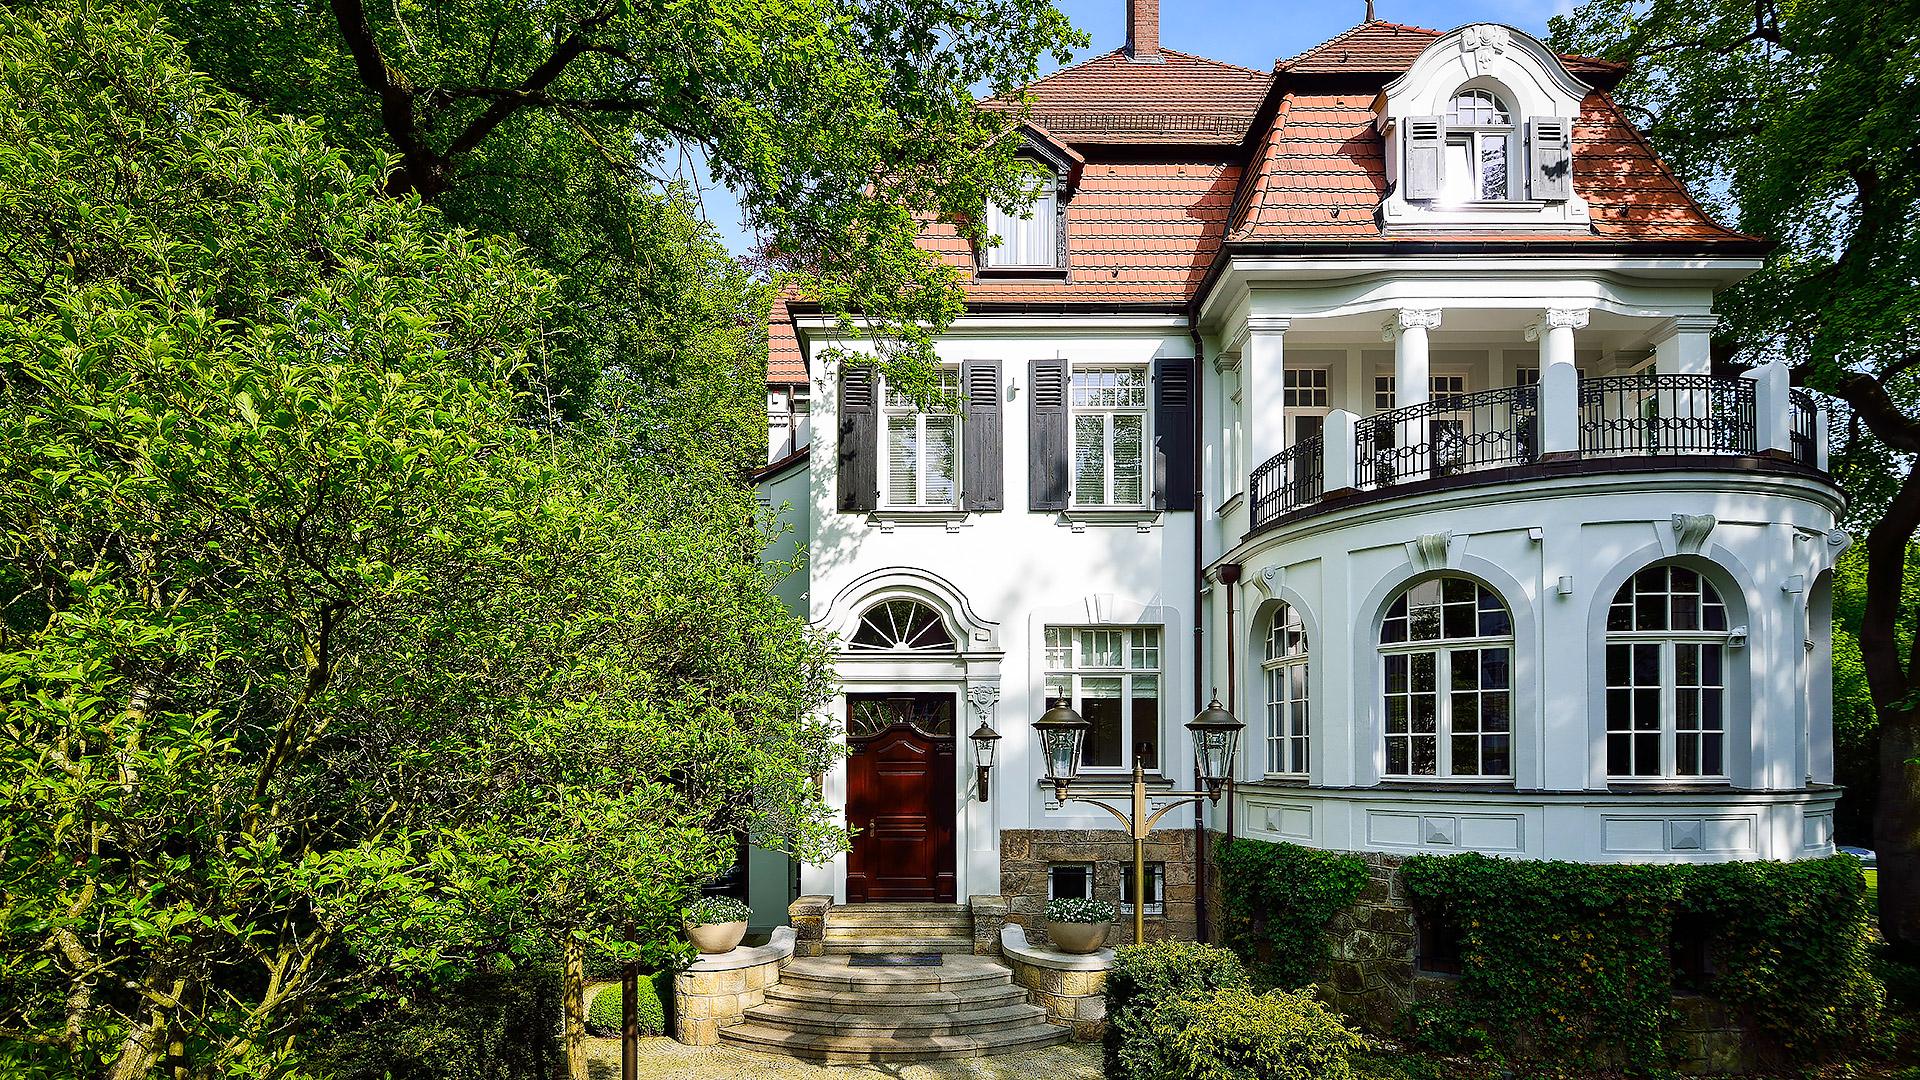 Umbau einer villa in hannover jung architekturb ro innenarchitekturb ro hildesheim - Wintergarten hannover ...